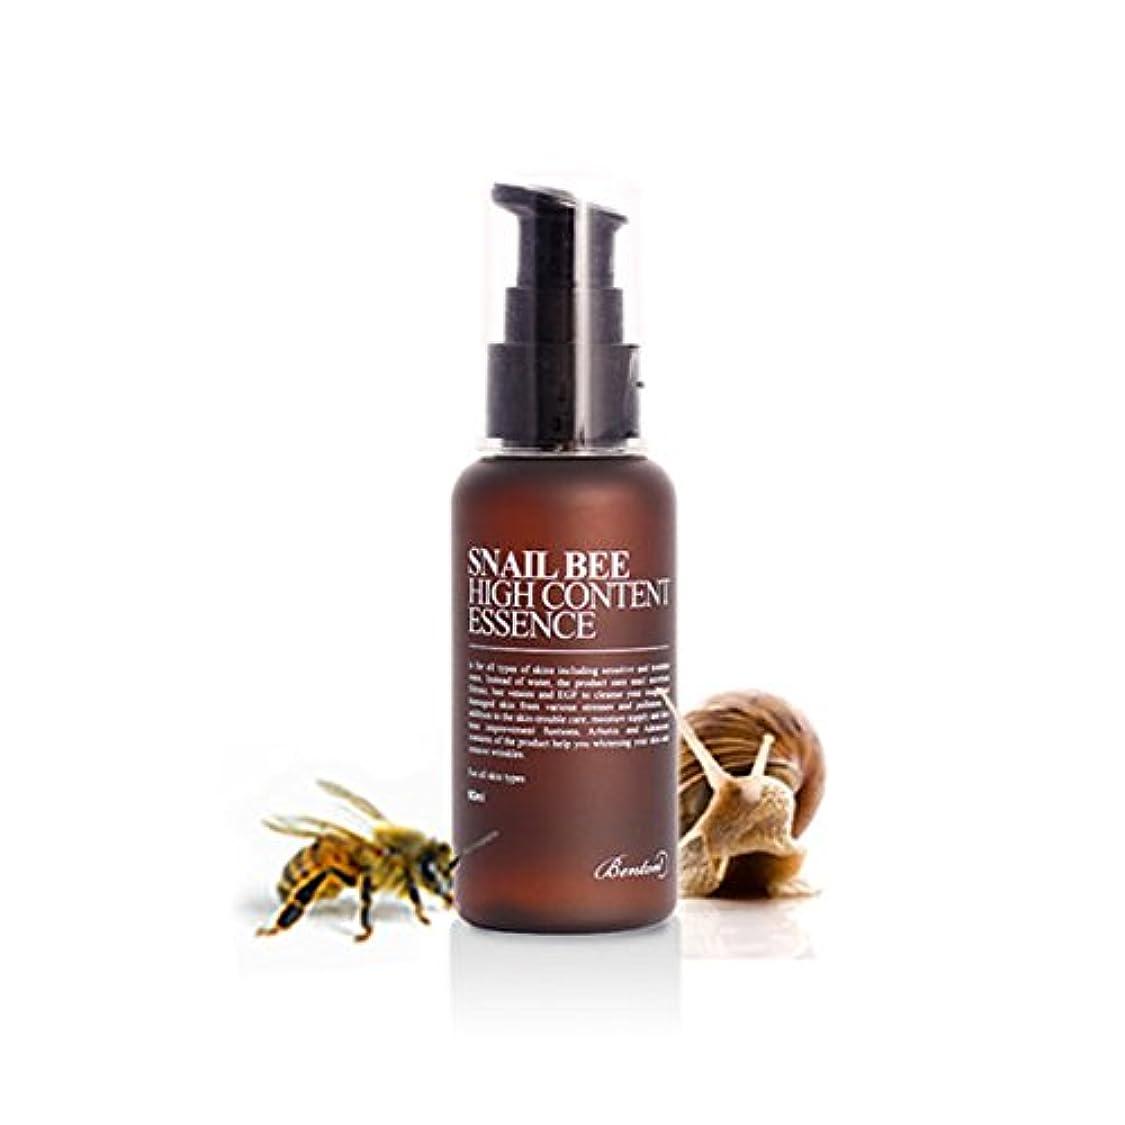 日付付き季節シャッフル[ベントン] Benton カタツムリ蜂ハイコンテンツエッセンス Snail Bee High Content Essence 60ml [並行輸入品]